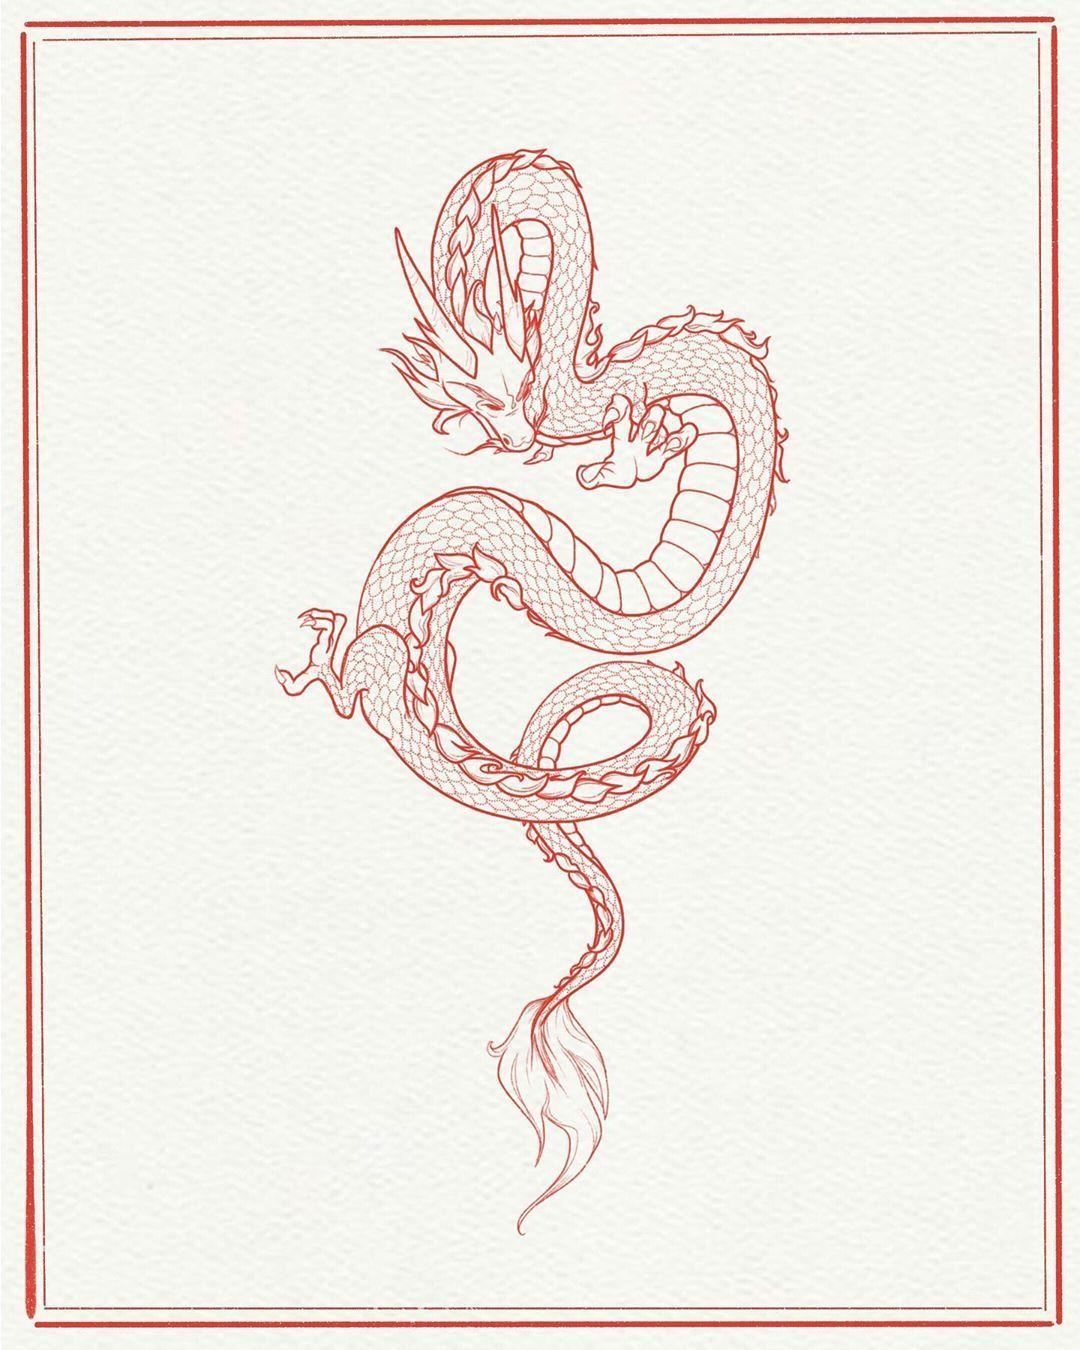 """Photo of después de Instagram 𝒜𝓃𝓃 𝒢𝒾𝓁𝒷𝑒𝓇𝑔: """"Yo quería dibujar un dragón desde siempre pero no lo hice porque"""